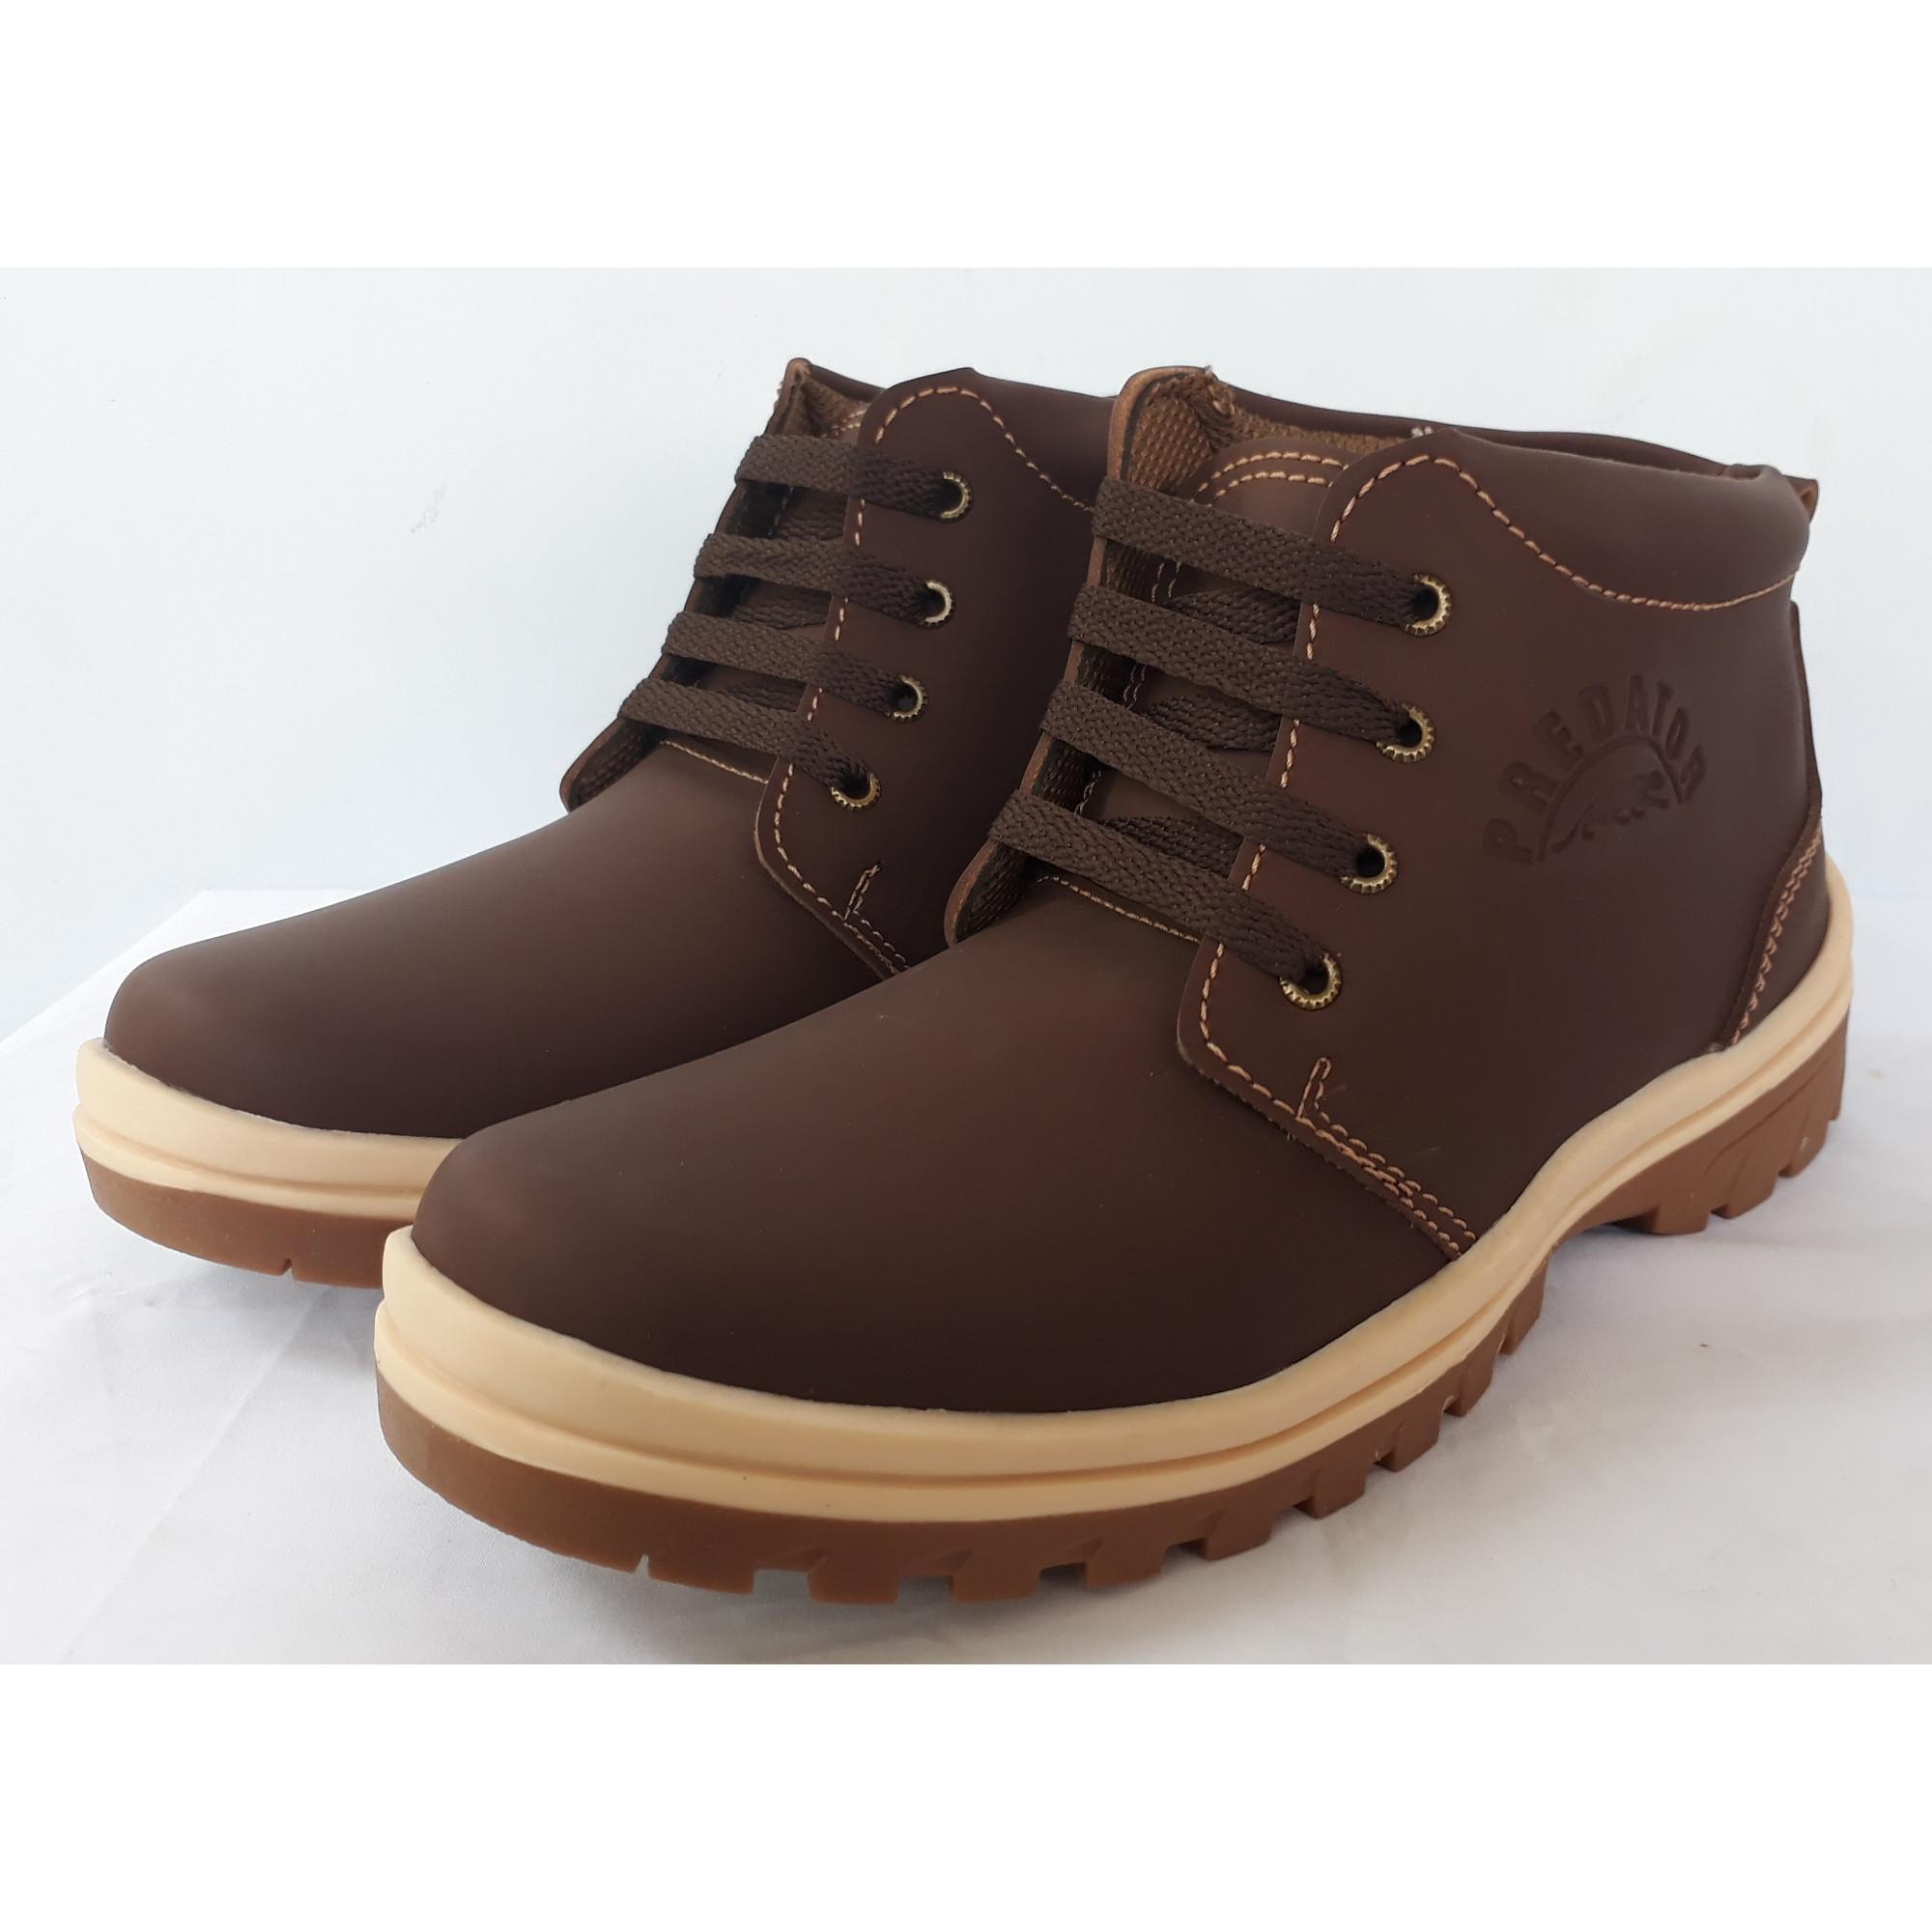 ... Sepatu Pria Safety/Sepatu Boot/Sepatu Bikers Pria Casual - Coklat Tua - 3 ...